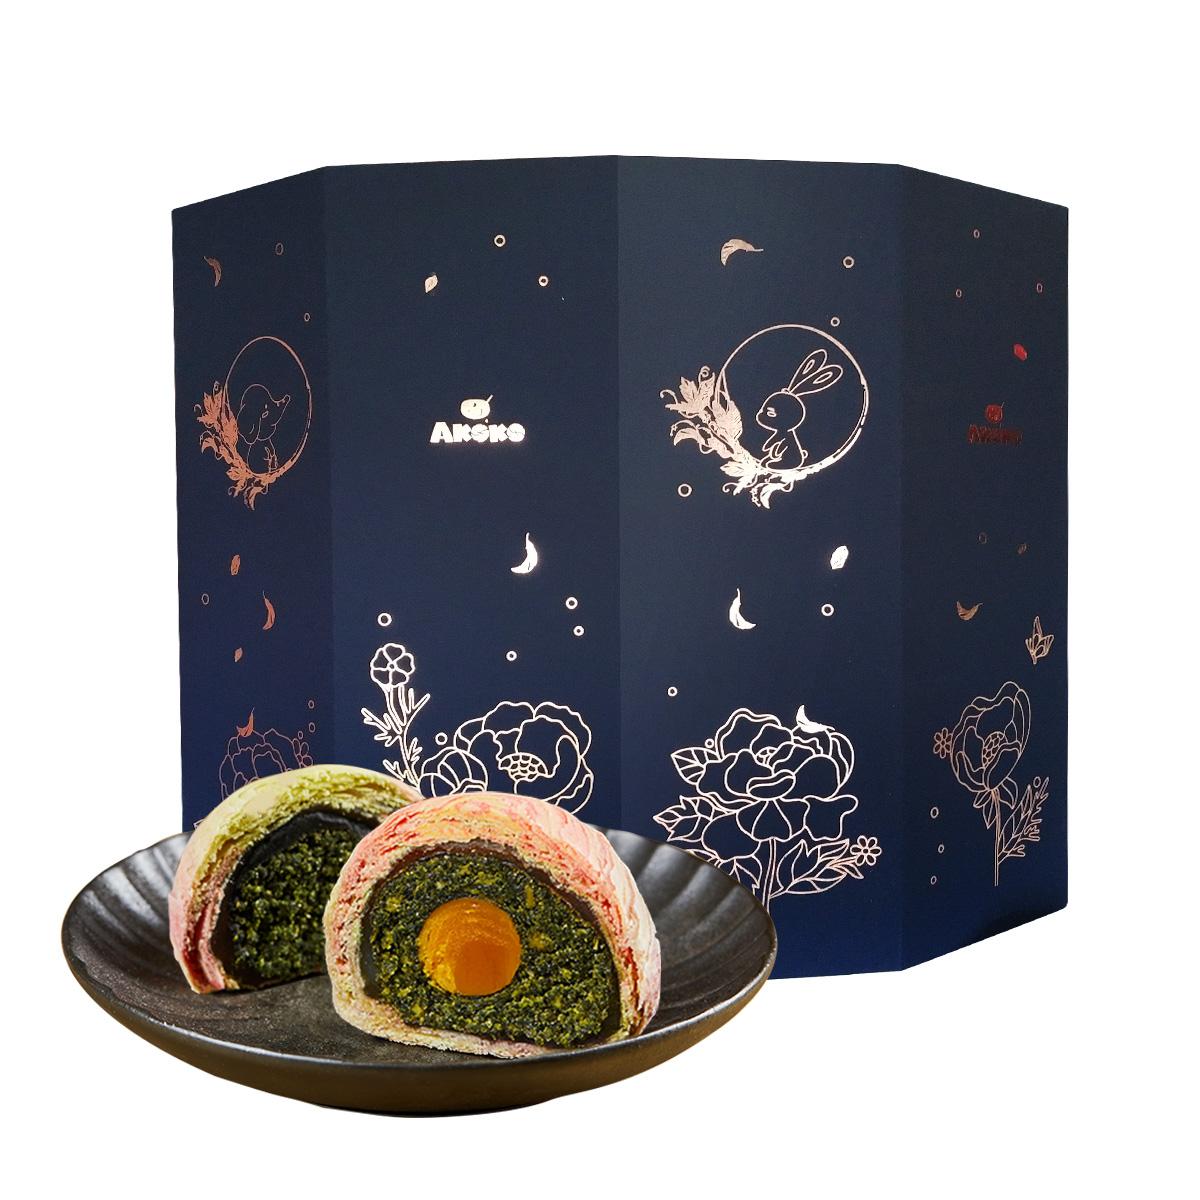 AKOKO五彩海苔蛋黄月饼礼盒,中秋节礼物送朋友